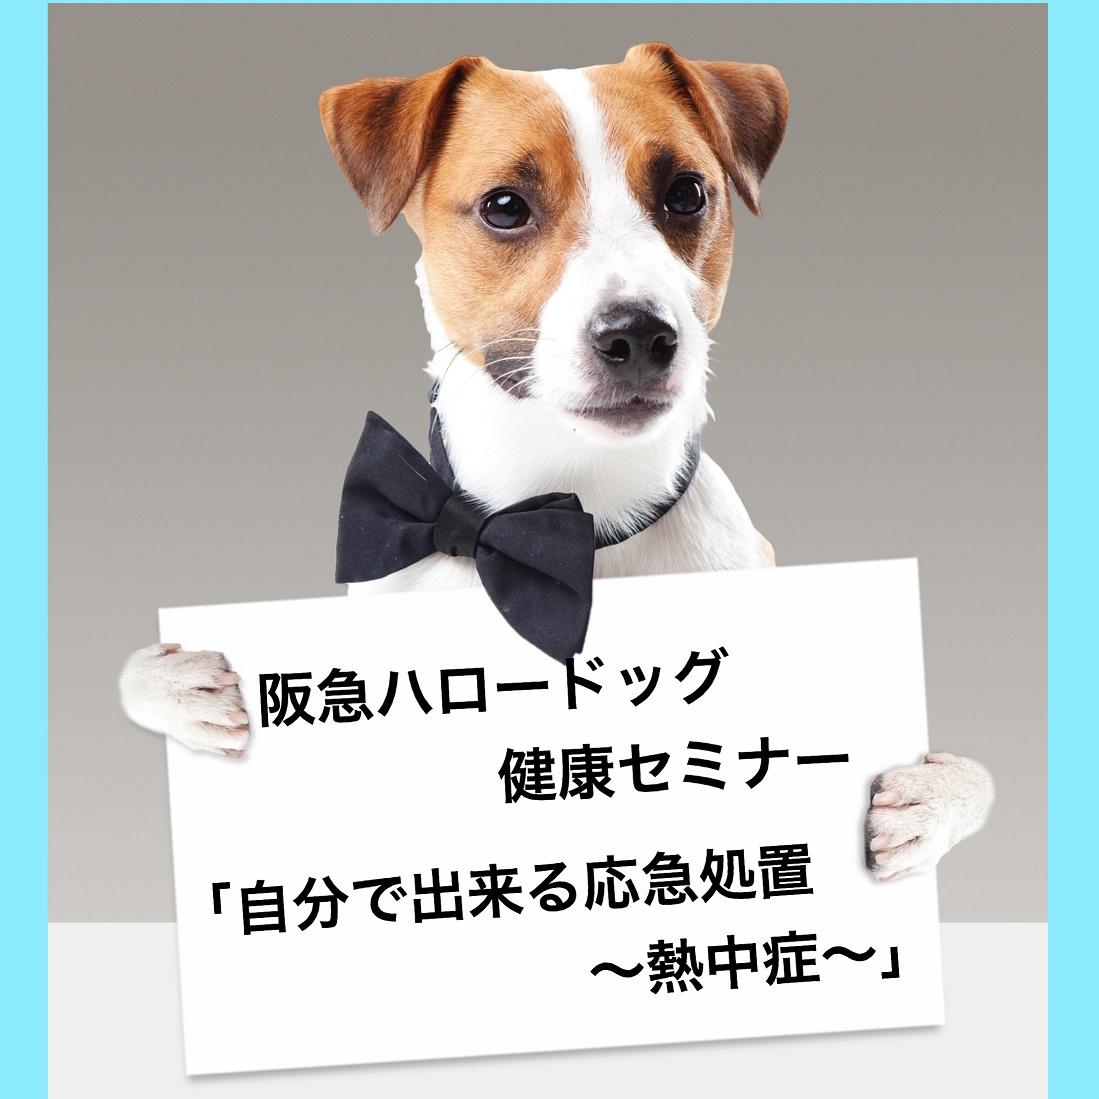 2019/07/20(土) ソリオ宝塚店 健康セミナー「自分で出来る応急処置~熱中症~」